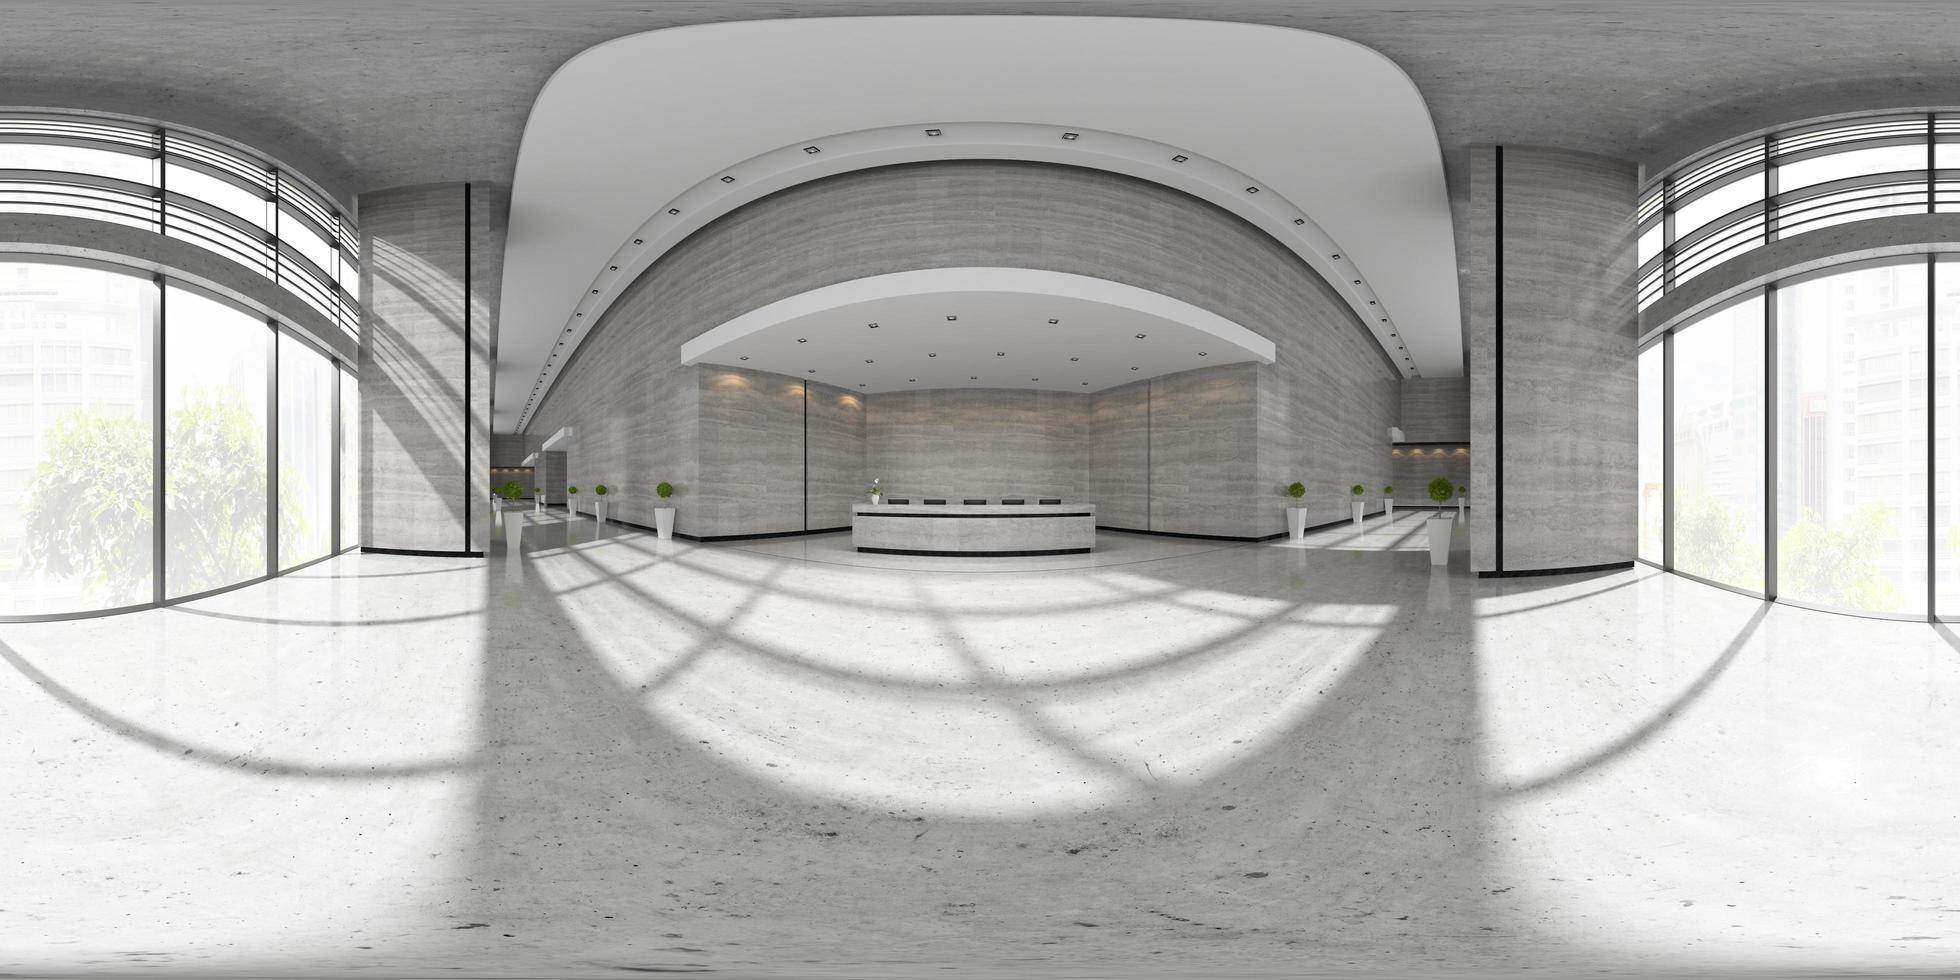 Projection panoramique sphérique à 360 ° d'un intérieur d'une zone de réception en illustration 3d photo